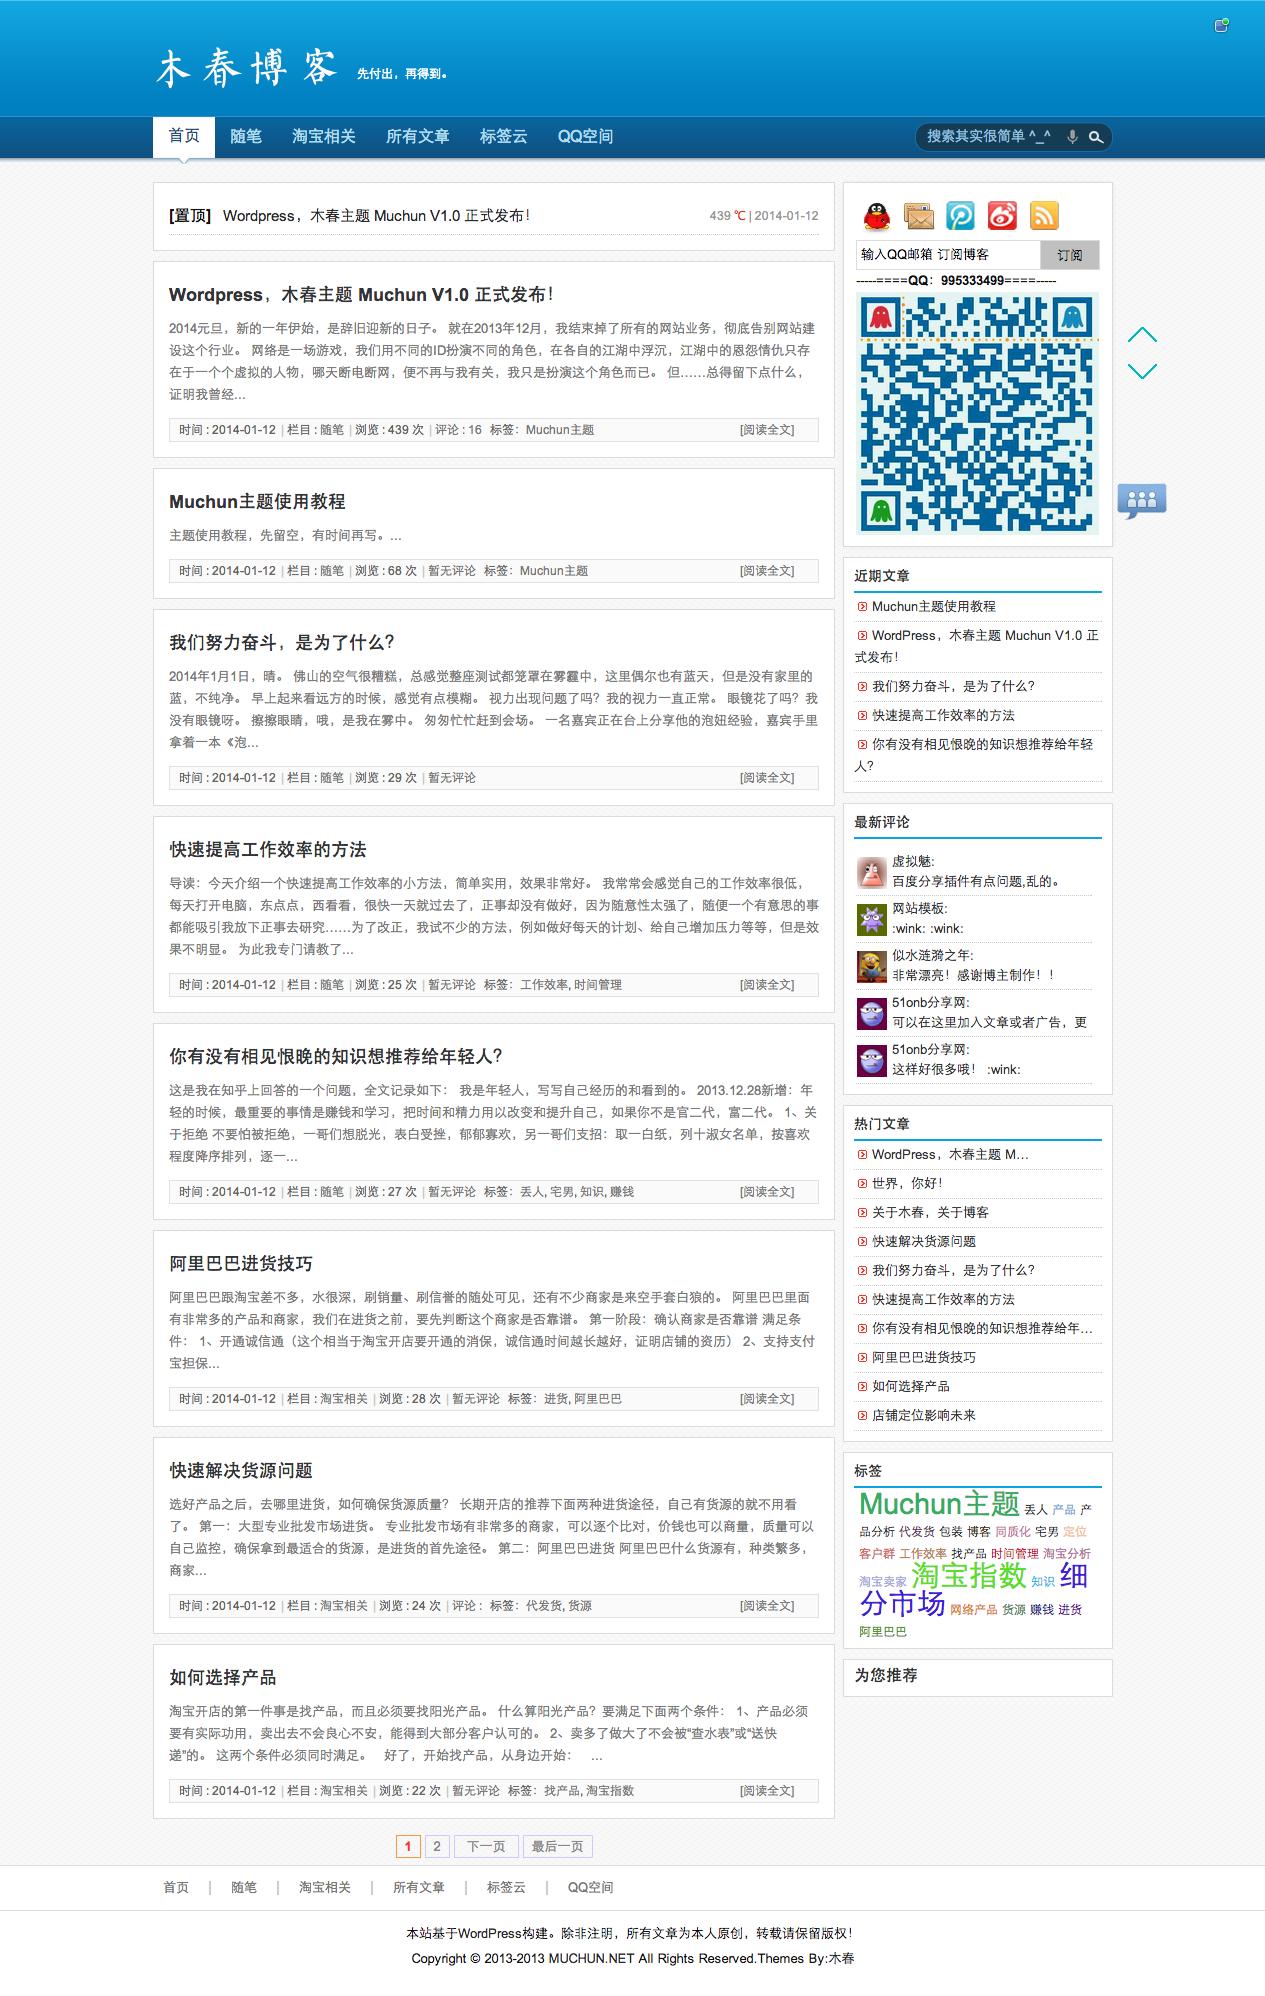 国人原创蓝色经典双栏WordPress博客主题:Muchun